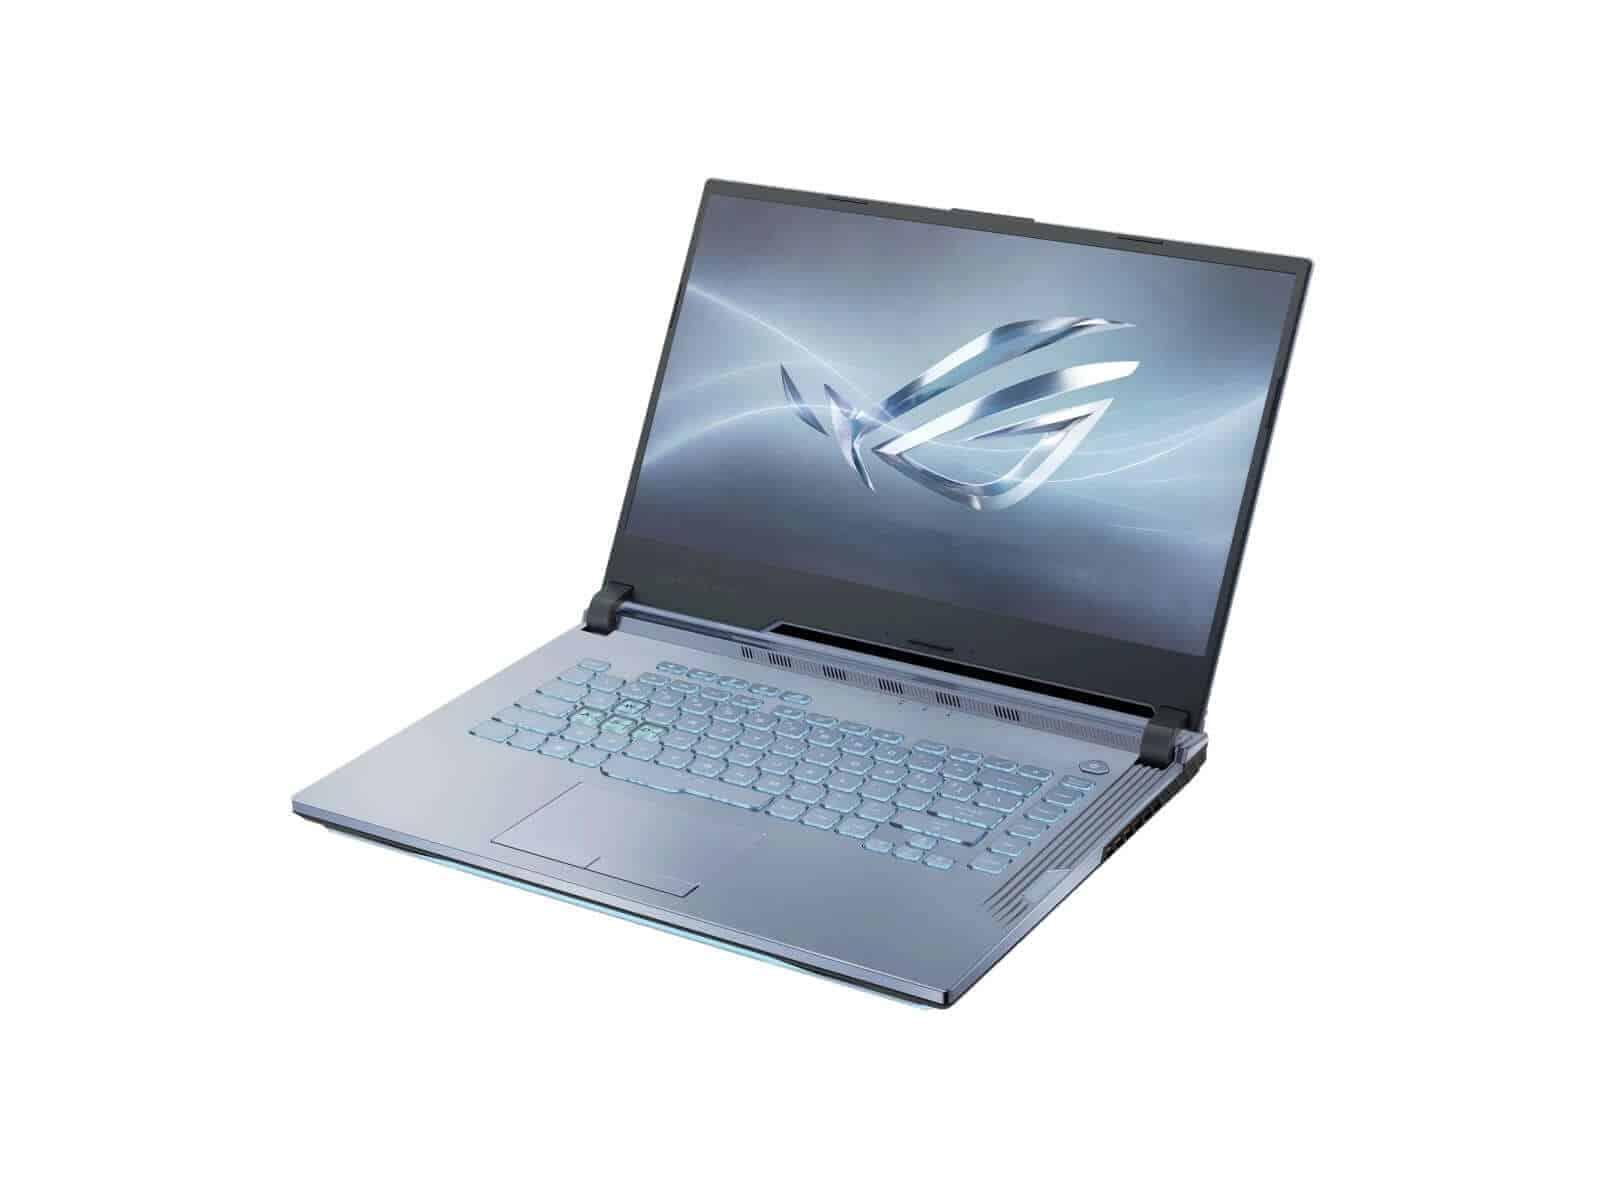 Asus Rog Strix G 15 6 Gaming Laptop I7 16gb Ram 512gb Ssd Win 10 Home G531gt Bq414t Tech Co Za